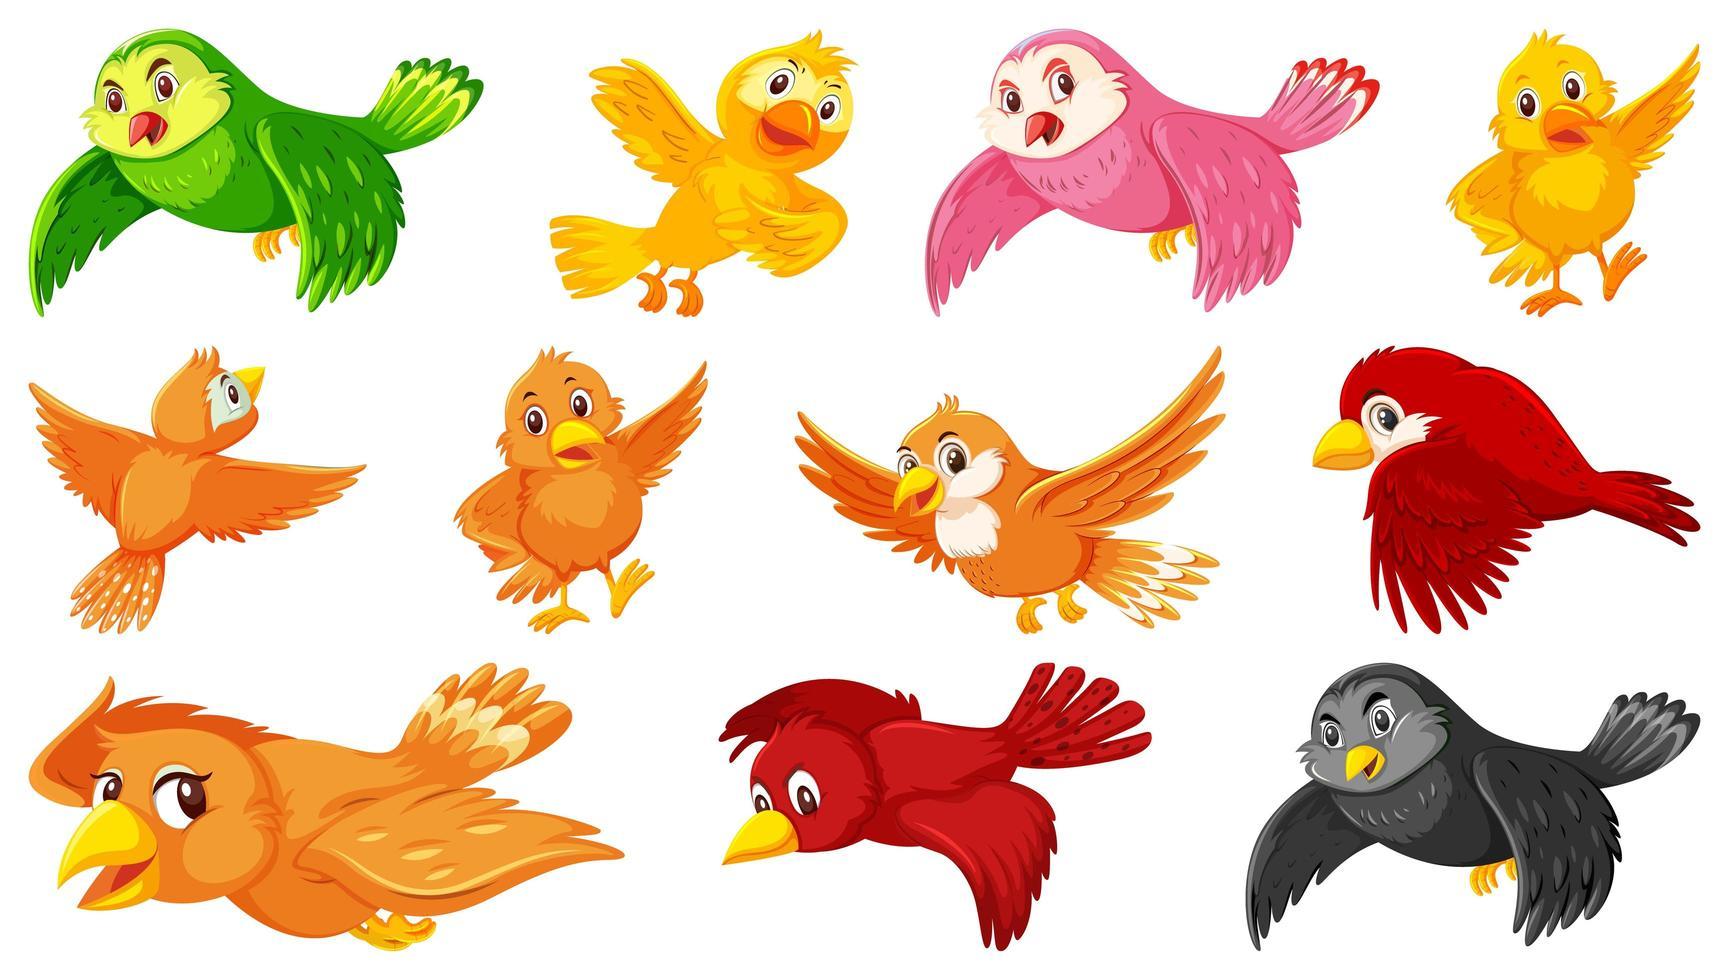 ensemble de personnages de dessins animés d'oiseaux vecteur